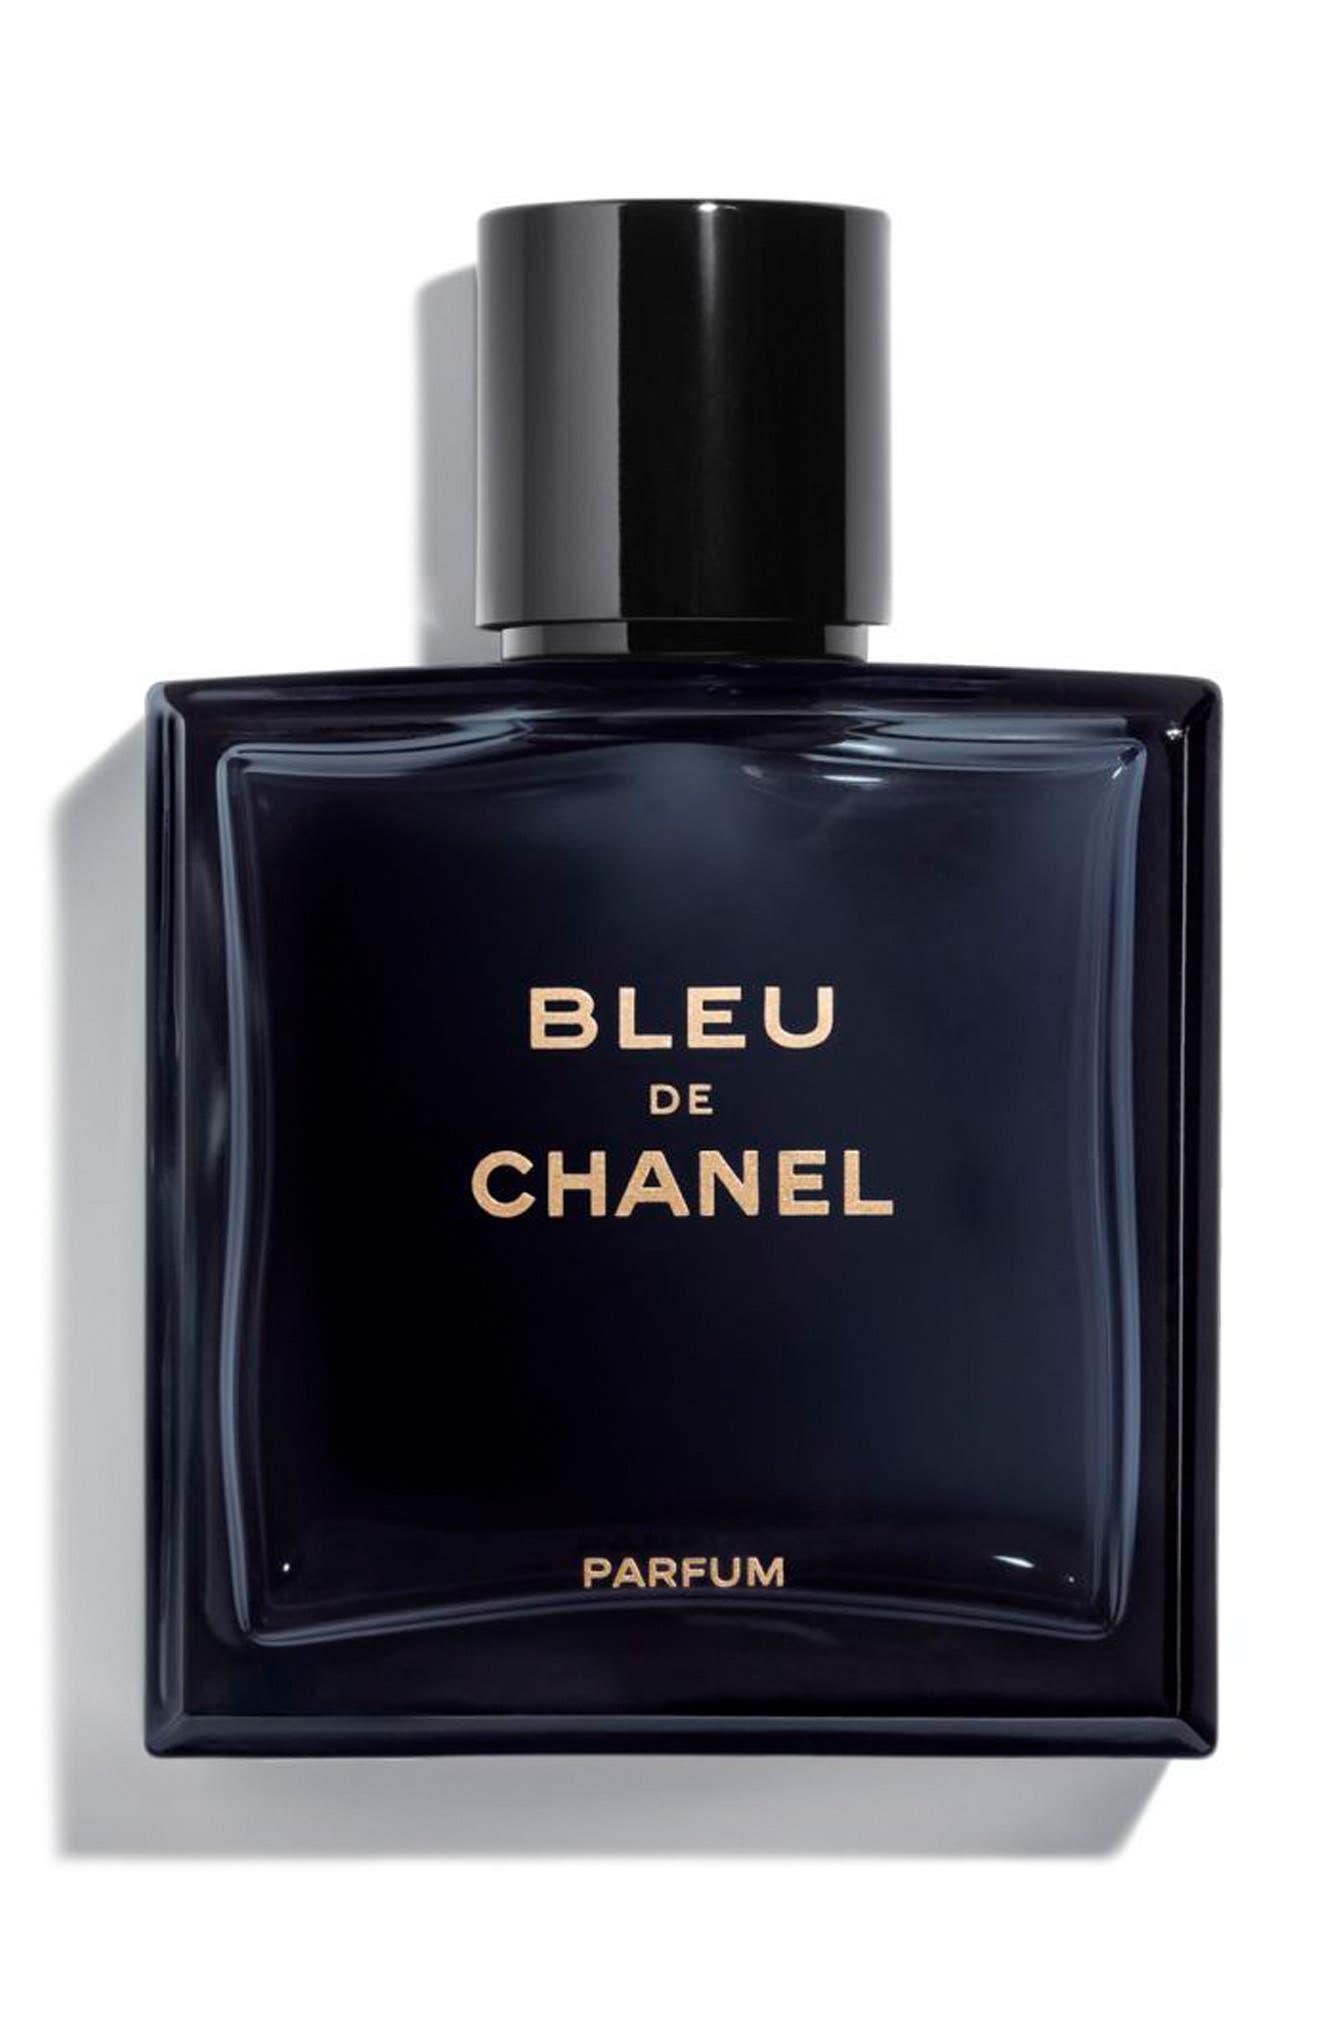 BLEU DE CHANEL Parfum,                             Main thumbnail 1, color,                             No Color